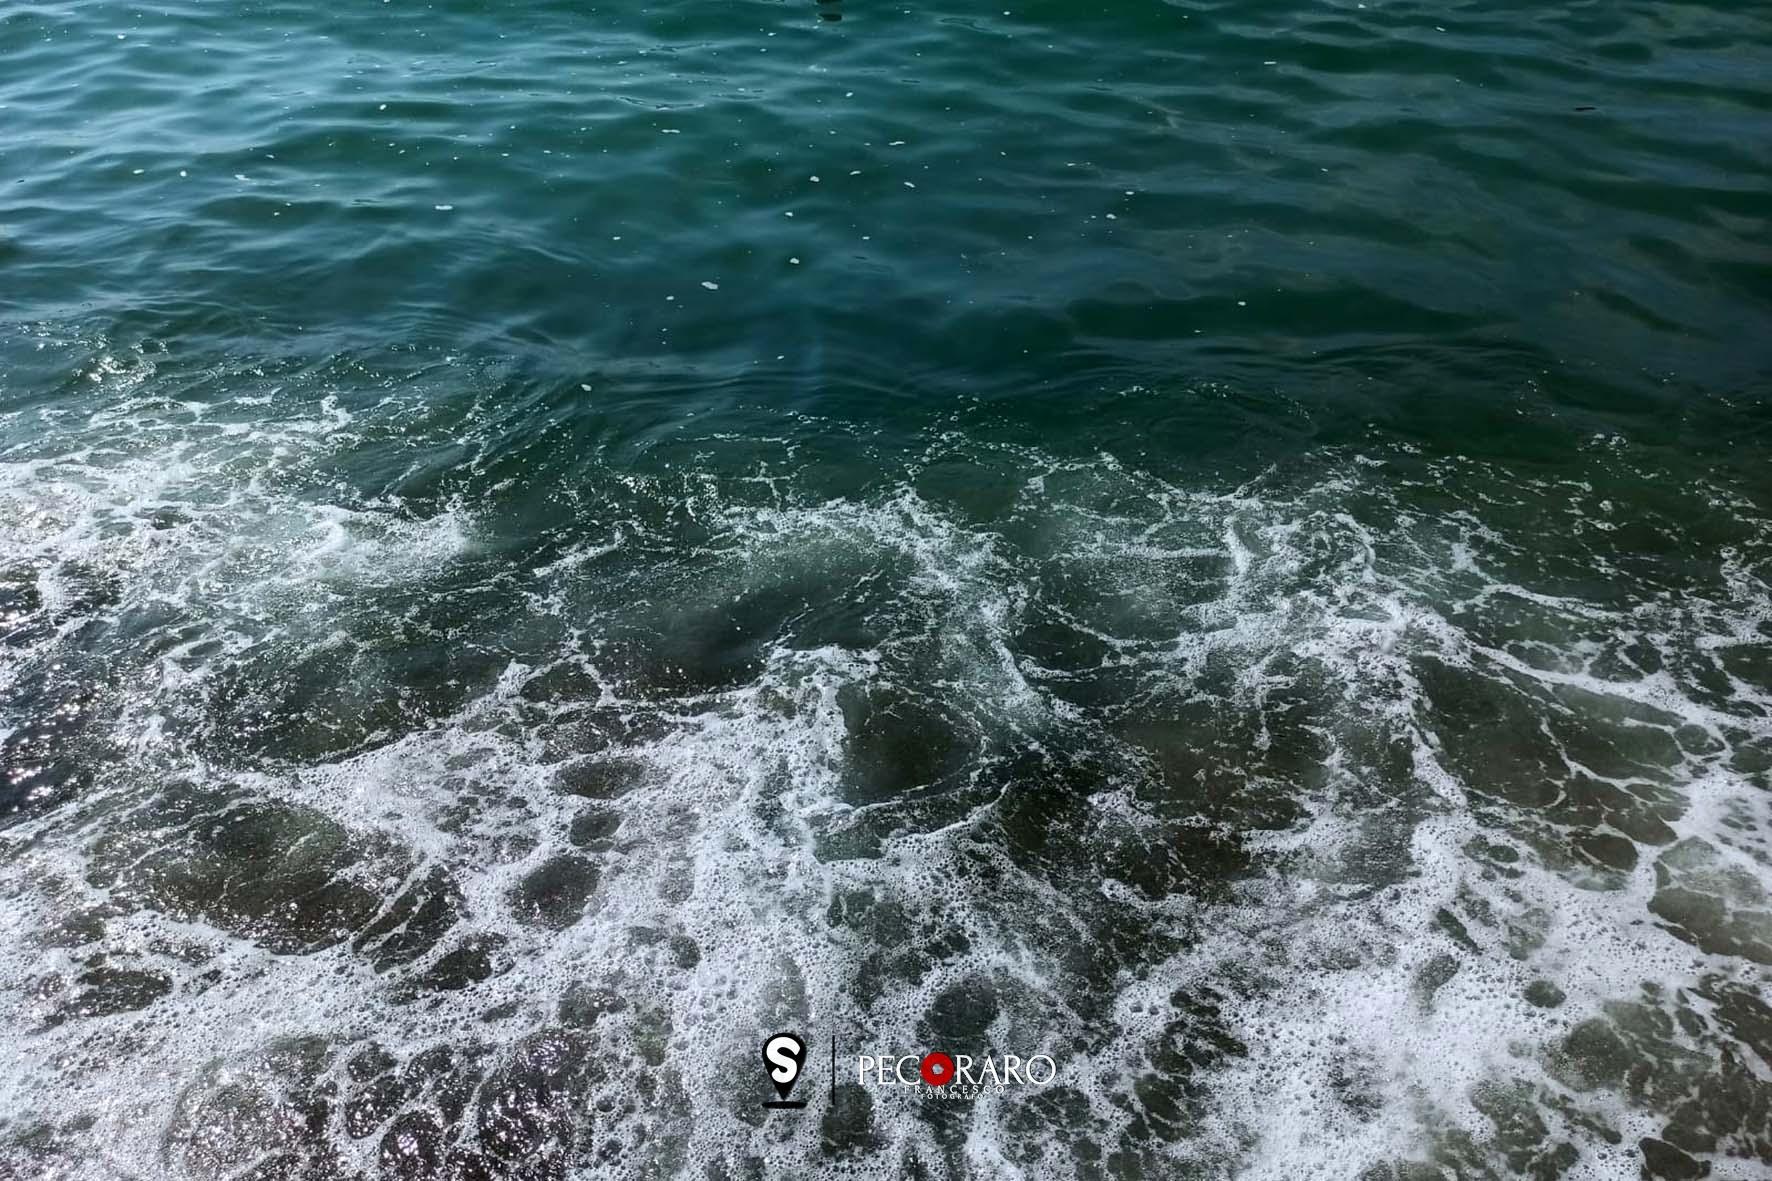 maresporco01